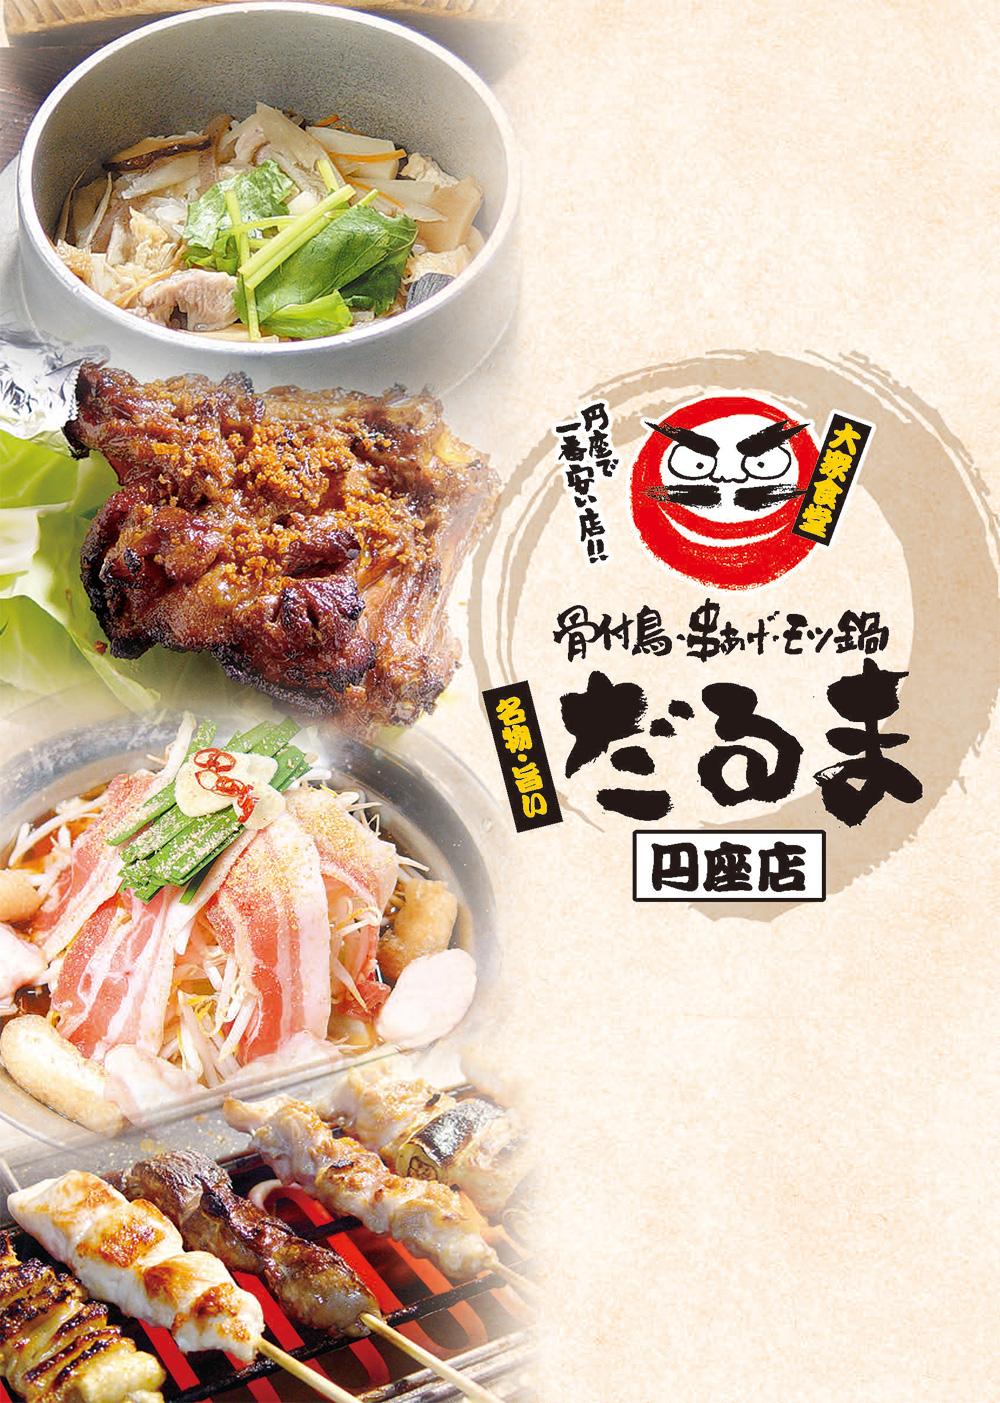 骨付鳥・串揚げ・モツ鍋 だるま円座店